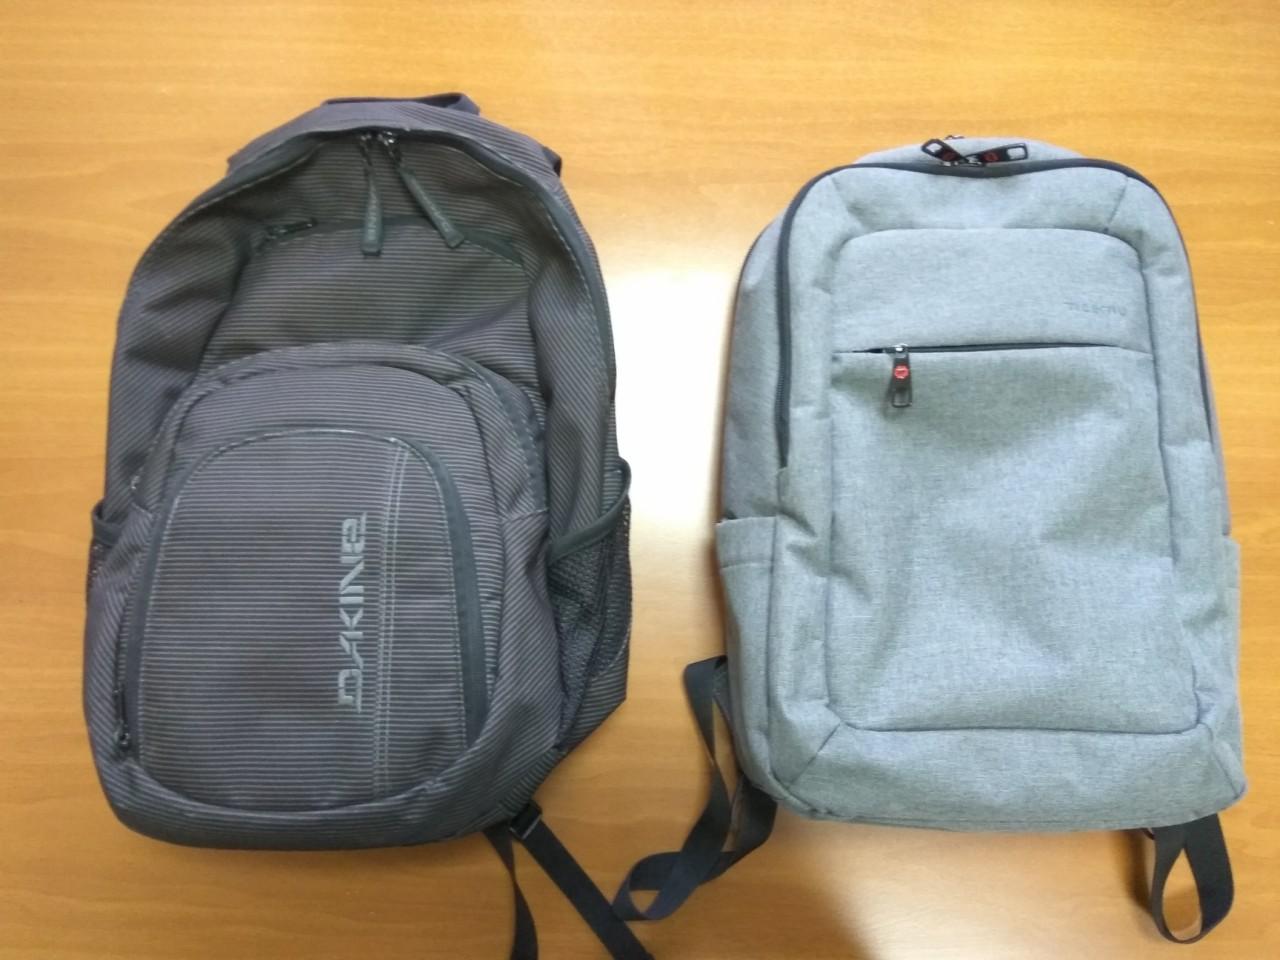 Фирма рюкзаки dakine рюкзак своими руками из джинс